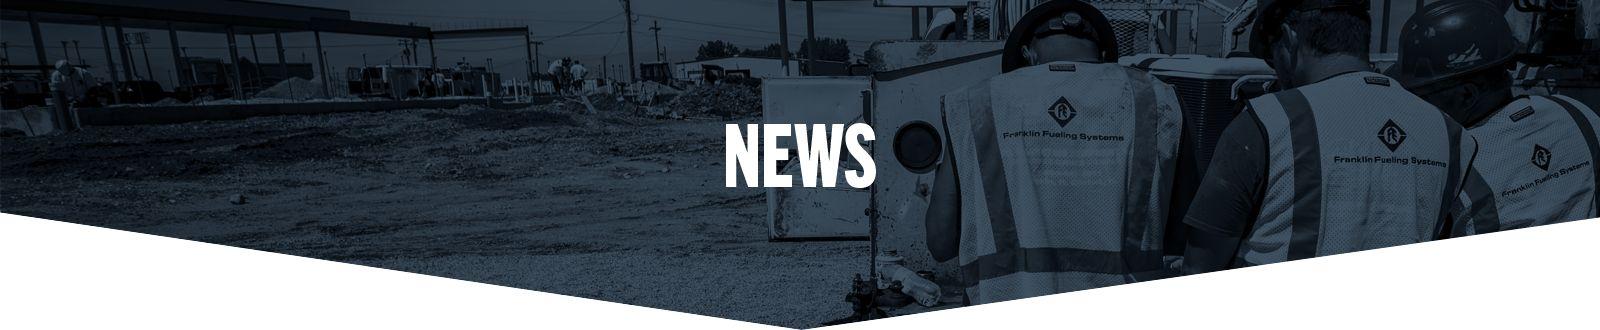 News-Banner.psd